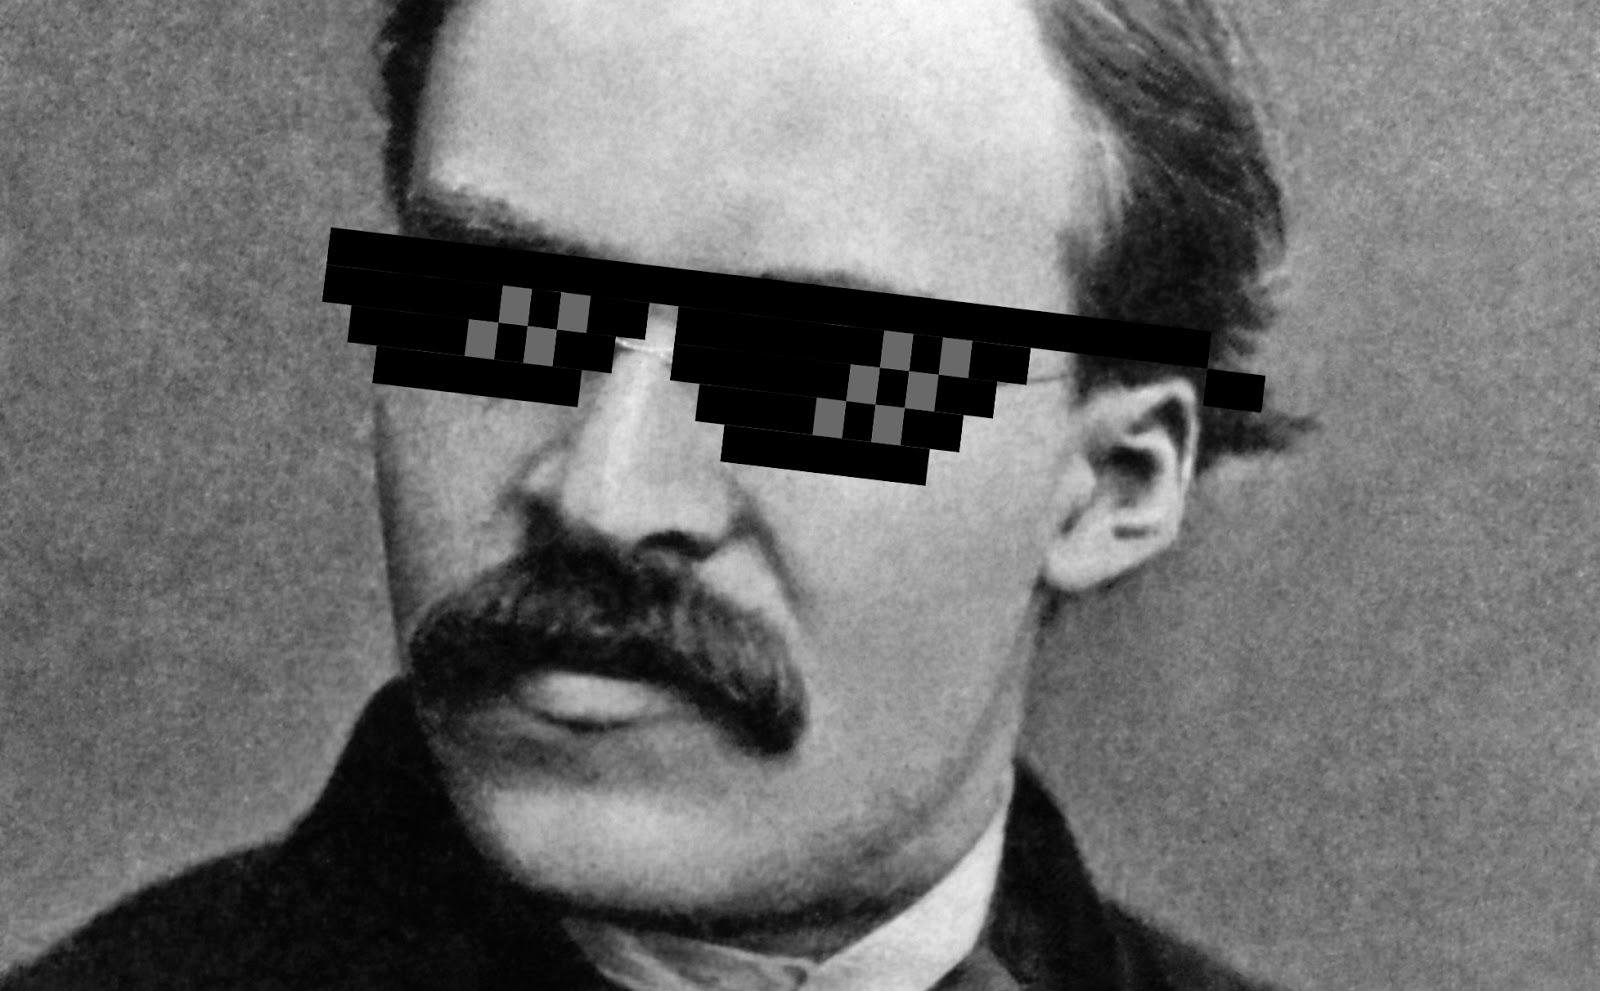 E se le cose cominciassero a precipitare? (V parte) Nietzsche-thug-life